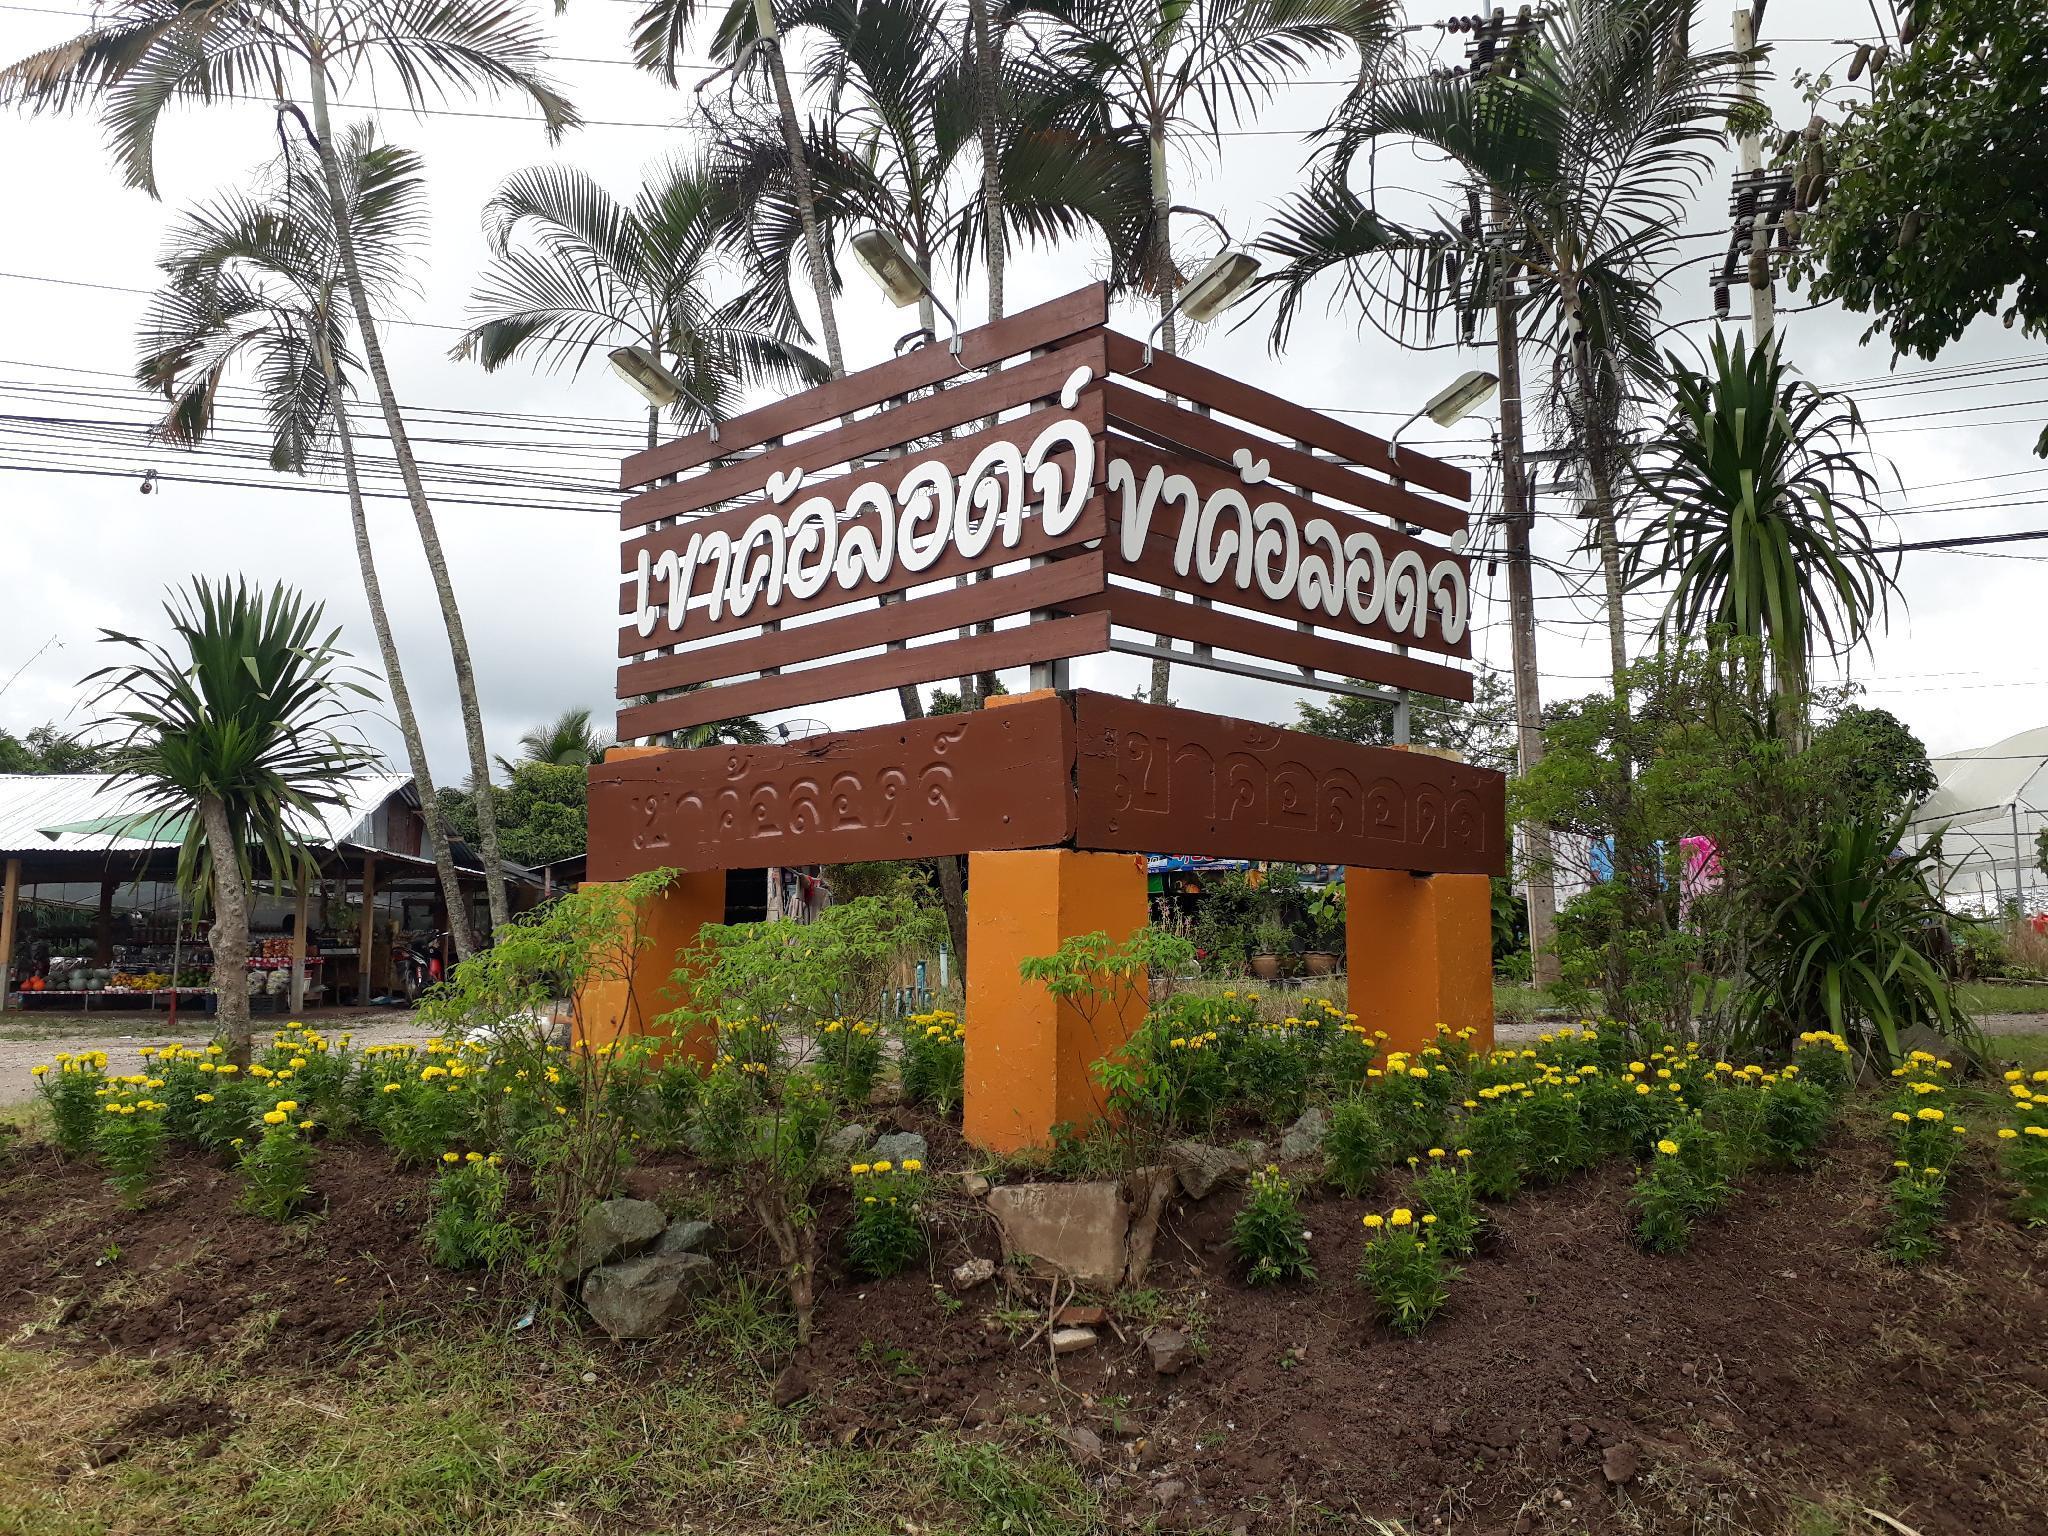 KHAO KHO LODGE